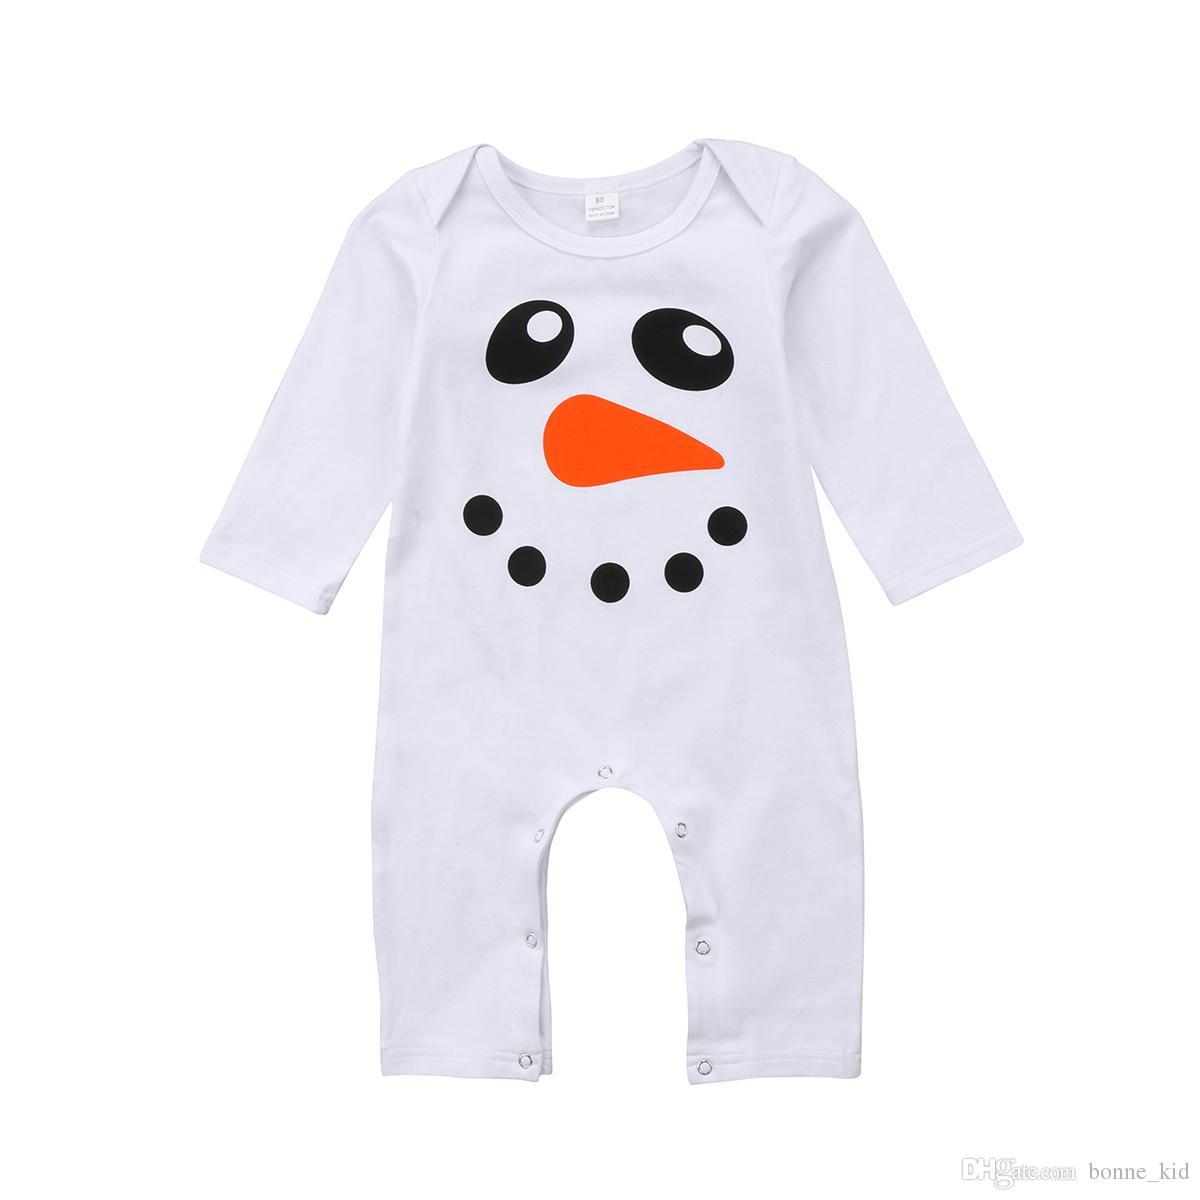 Compre 2018 Nuevo Lindo Muñeco De Nieve Bebé Mameluco Recién Nacido Niño  Niña Ropa De Algodón De Manga Larga Monos Blancos Pijamas Primavera Otoño  Navidad ... a2f9e6dae27a1